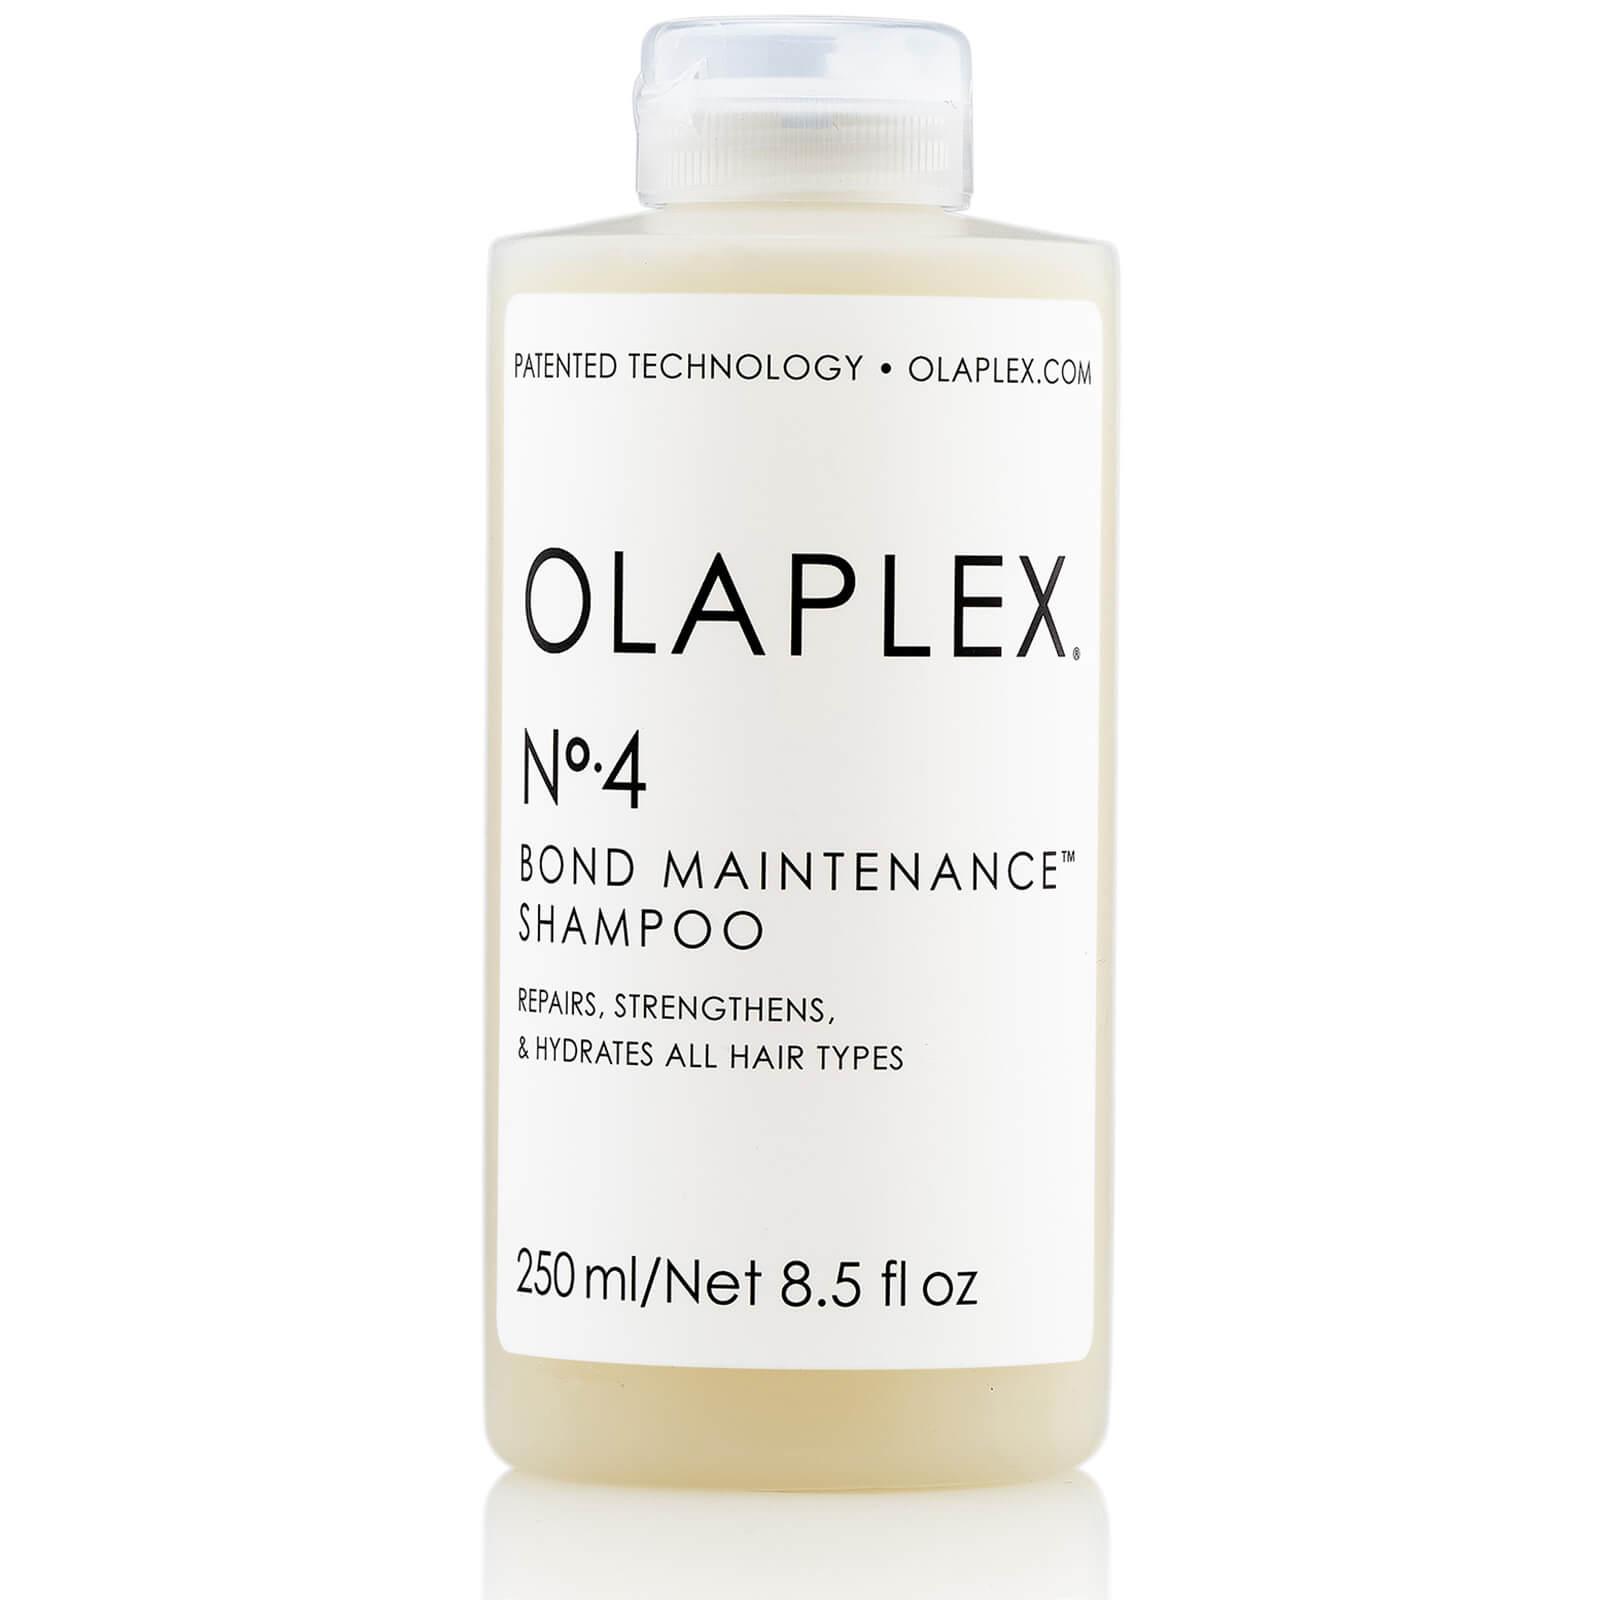 olaplex-bond-maintenance-shampoo-250ml